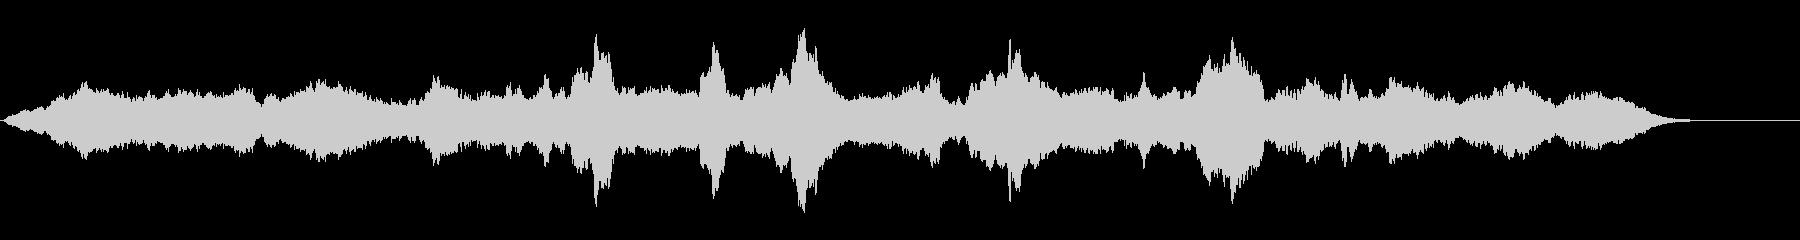 スペーシーなムードのオルタナティブ...の未再生の波形